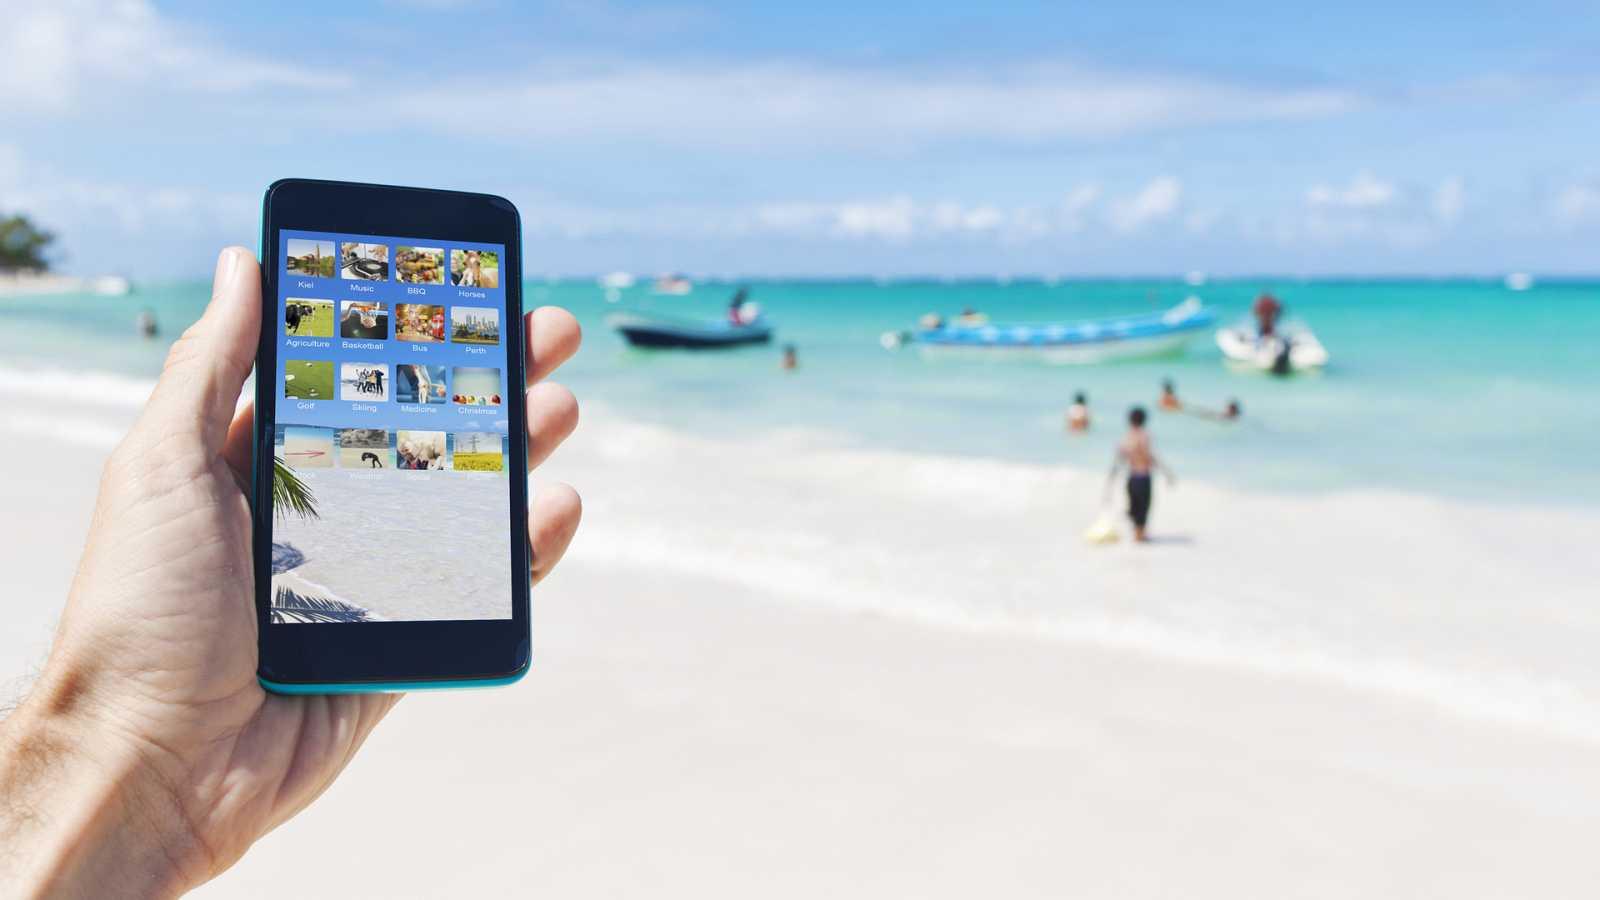 El verano que viene: Así son las aplicaciones para reservar hueco en playas y piscinas